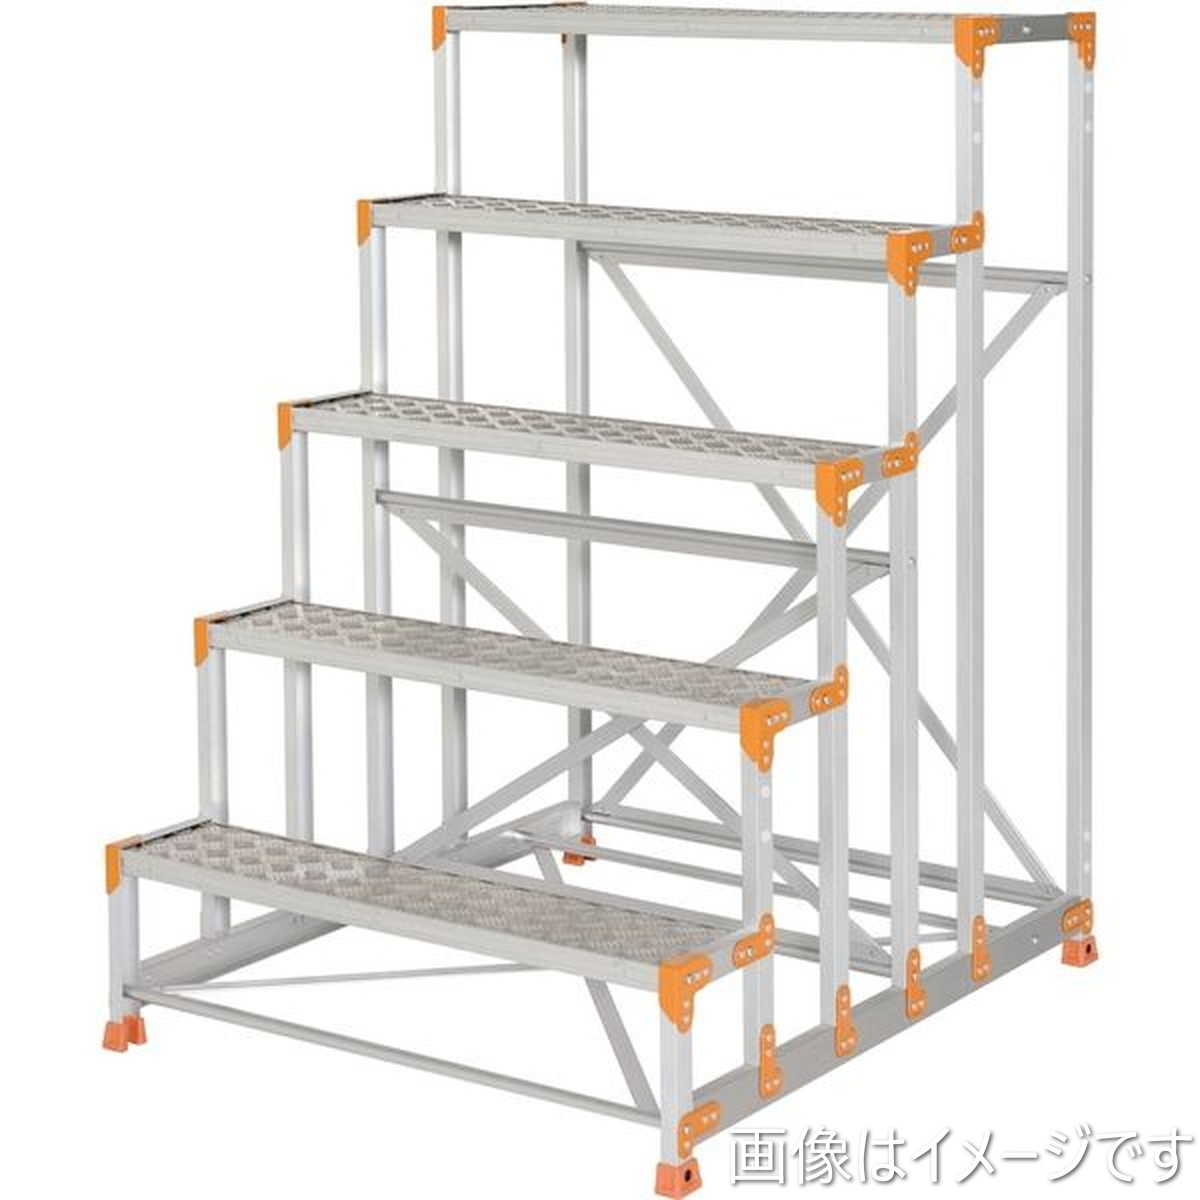 ピカコーポレーション アルミ製作業台 FG-51015DP